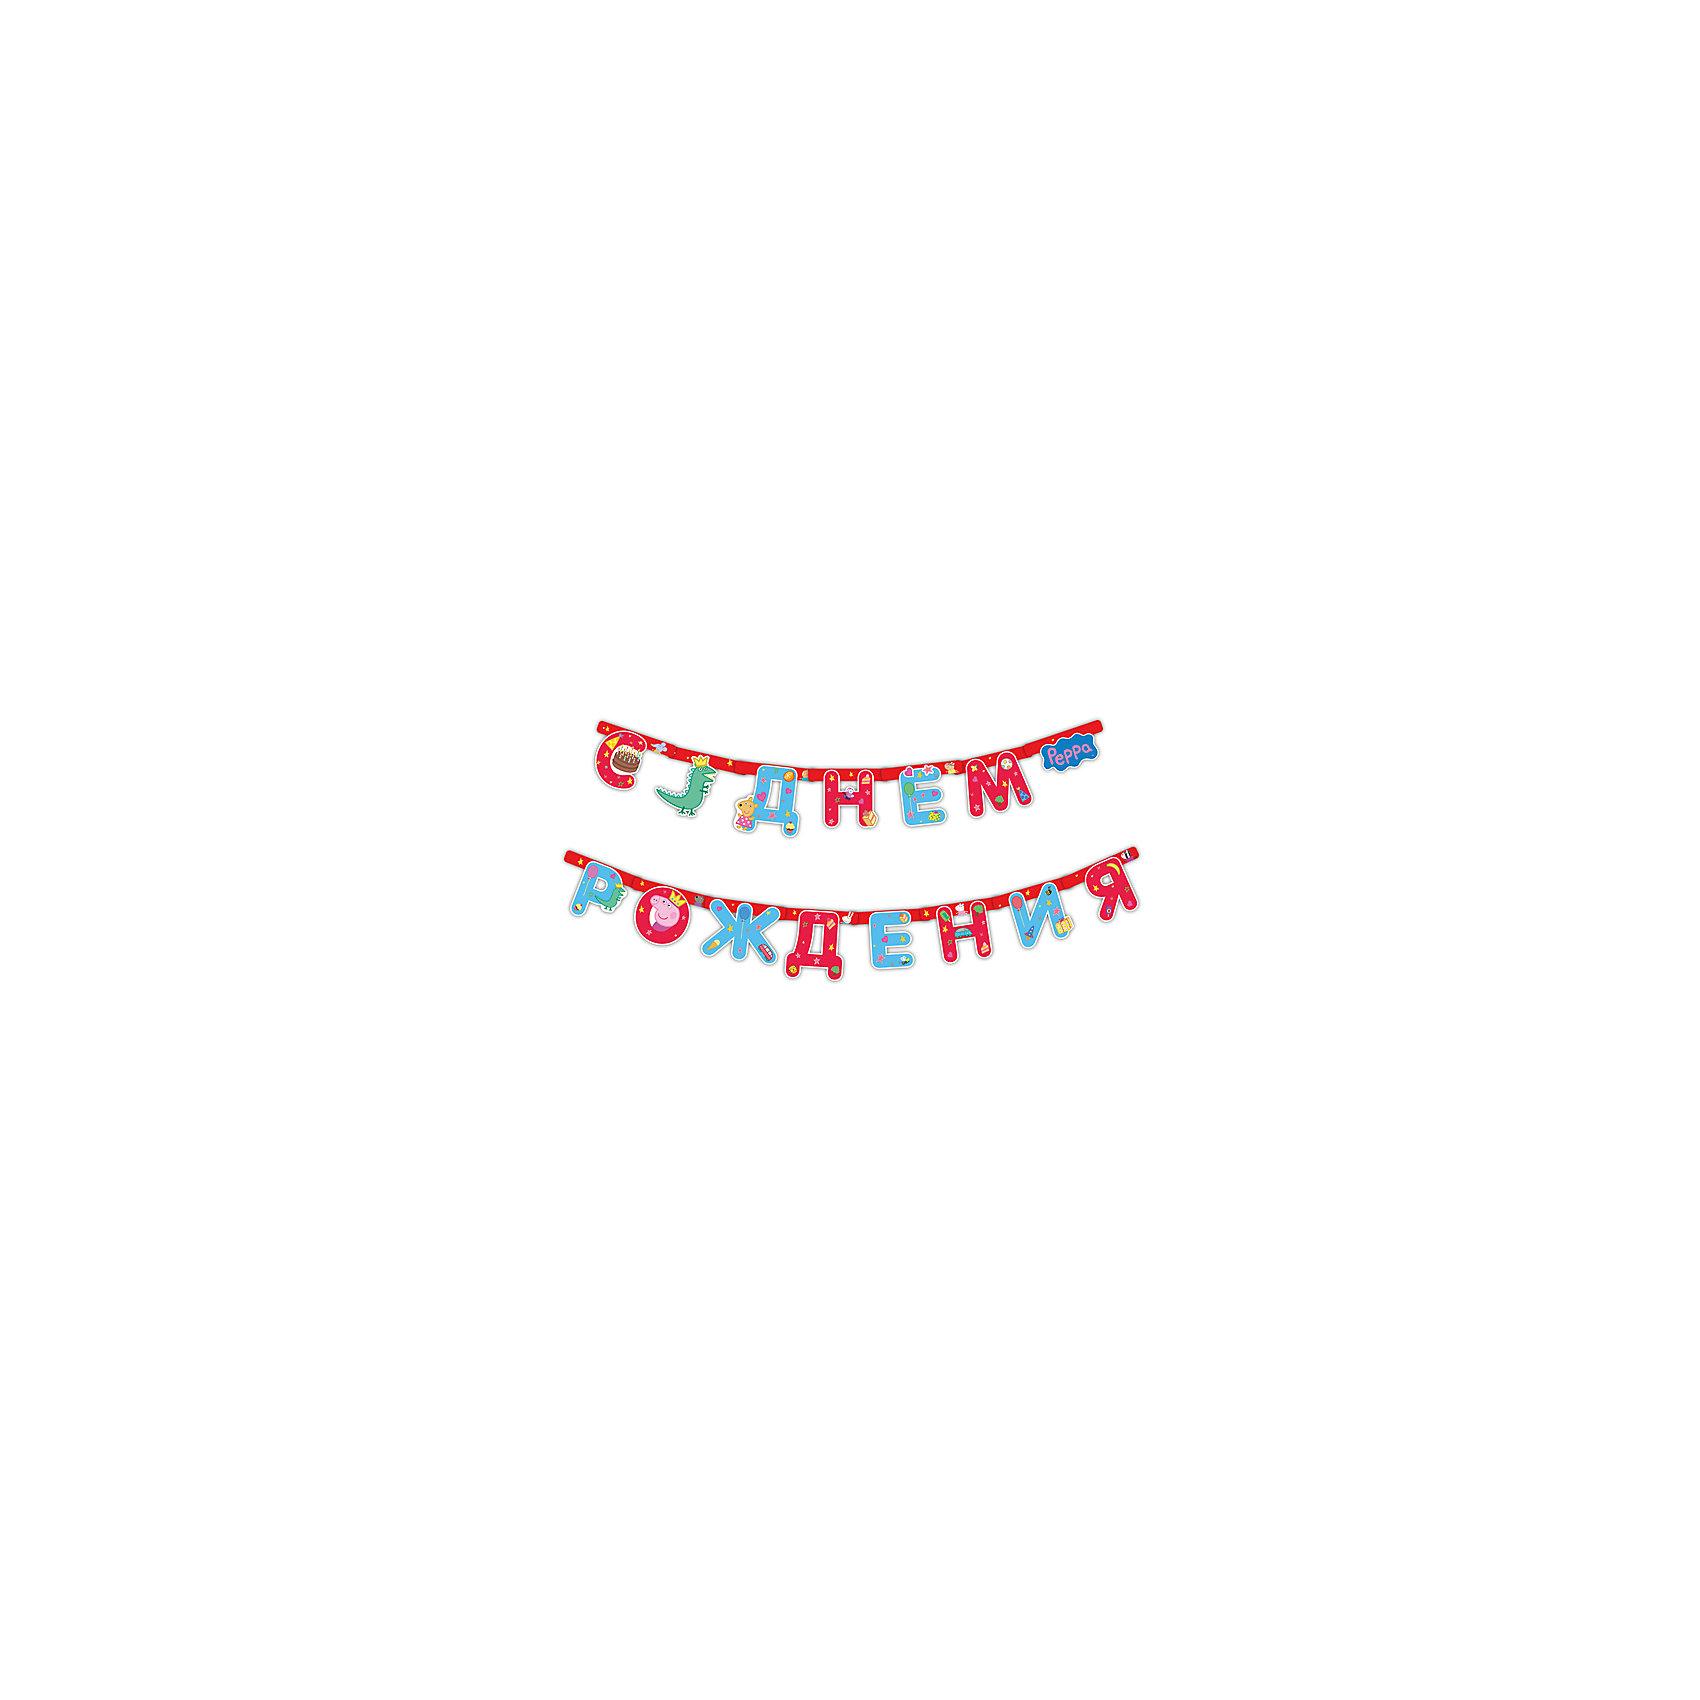 Гирлянда C днем рождения 2,5 м, Свинка ПеппаСвинка Пеппа<br>Гирлянда C днем рождения 2,5 м, Свинка Пеппа – яркий аксессуар станет отличным украшением для комнаты, где будет отмечаться торжество.<br>Хотите ярко и красиво оформить помещение ко Дню Рождения? Для детского праздника идеально подойдет гирлянда с героями мультфильма «Свинка Пеппа». Она не только эффектно преобразит помещение, но и поднимет настроение всем участникам торжества.<br><br>Дополнительная информация:<br><br>- Длина: 2,5 м.<br>- Высота флажков: 15 см.<br>- Материал: бумага<br>- Способ крепления: люверс<br><br>Гирлянду C днем рождения 2,5 м, Свинка Пеппа можно купить в нашем интернет-магазине.<br><br>Ширина мм: 290<br>Глубина мм: 240<br>Высота мм: 10<br>Вес г: 80<br>Возраст от месяцев: 36<br>Возраст до месяцев: 84<br>Пол: Унисекс<br>Возраст: Детский<br>SKU: 4278324